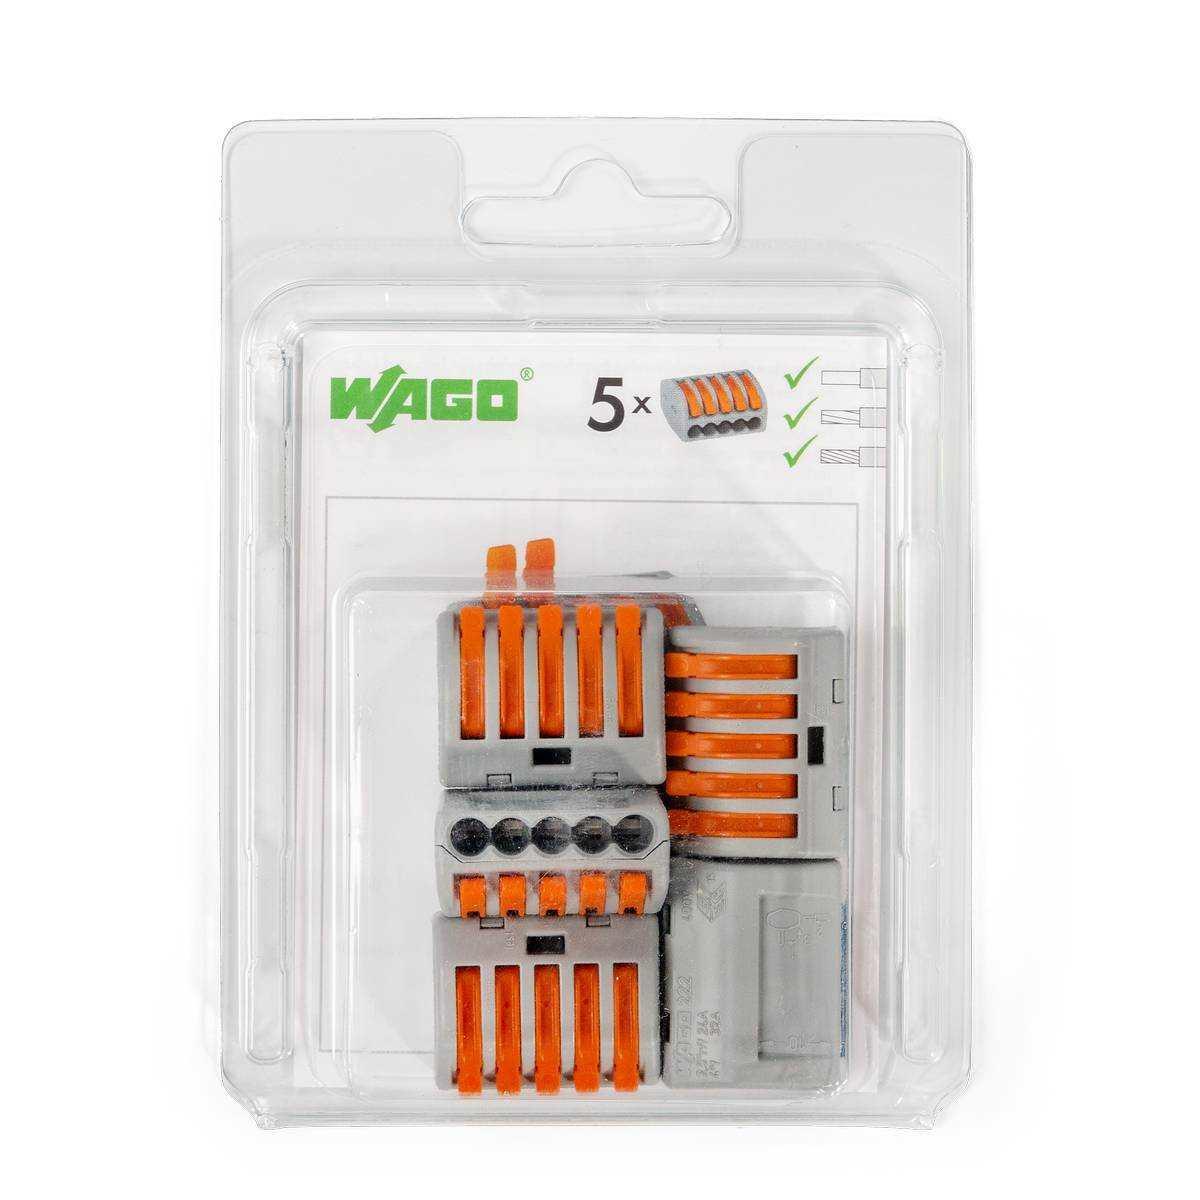 Мини-упаковка рычажковых универсальных клемм «Wago» в блистерах (без контактной пасты) 222–412/996-010